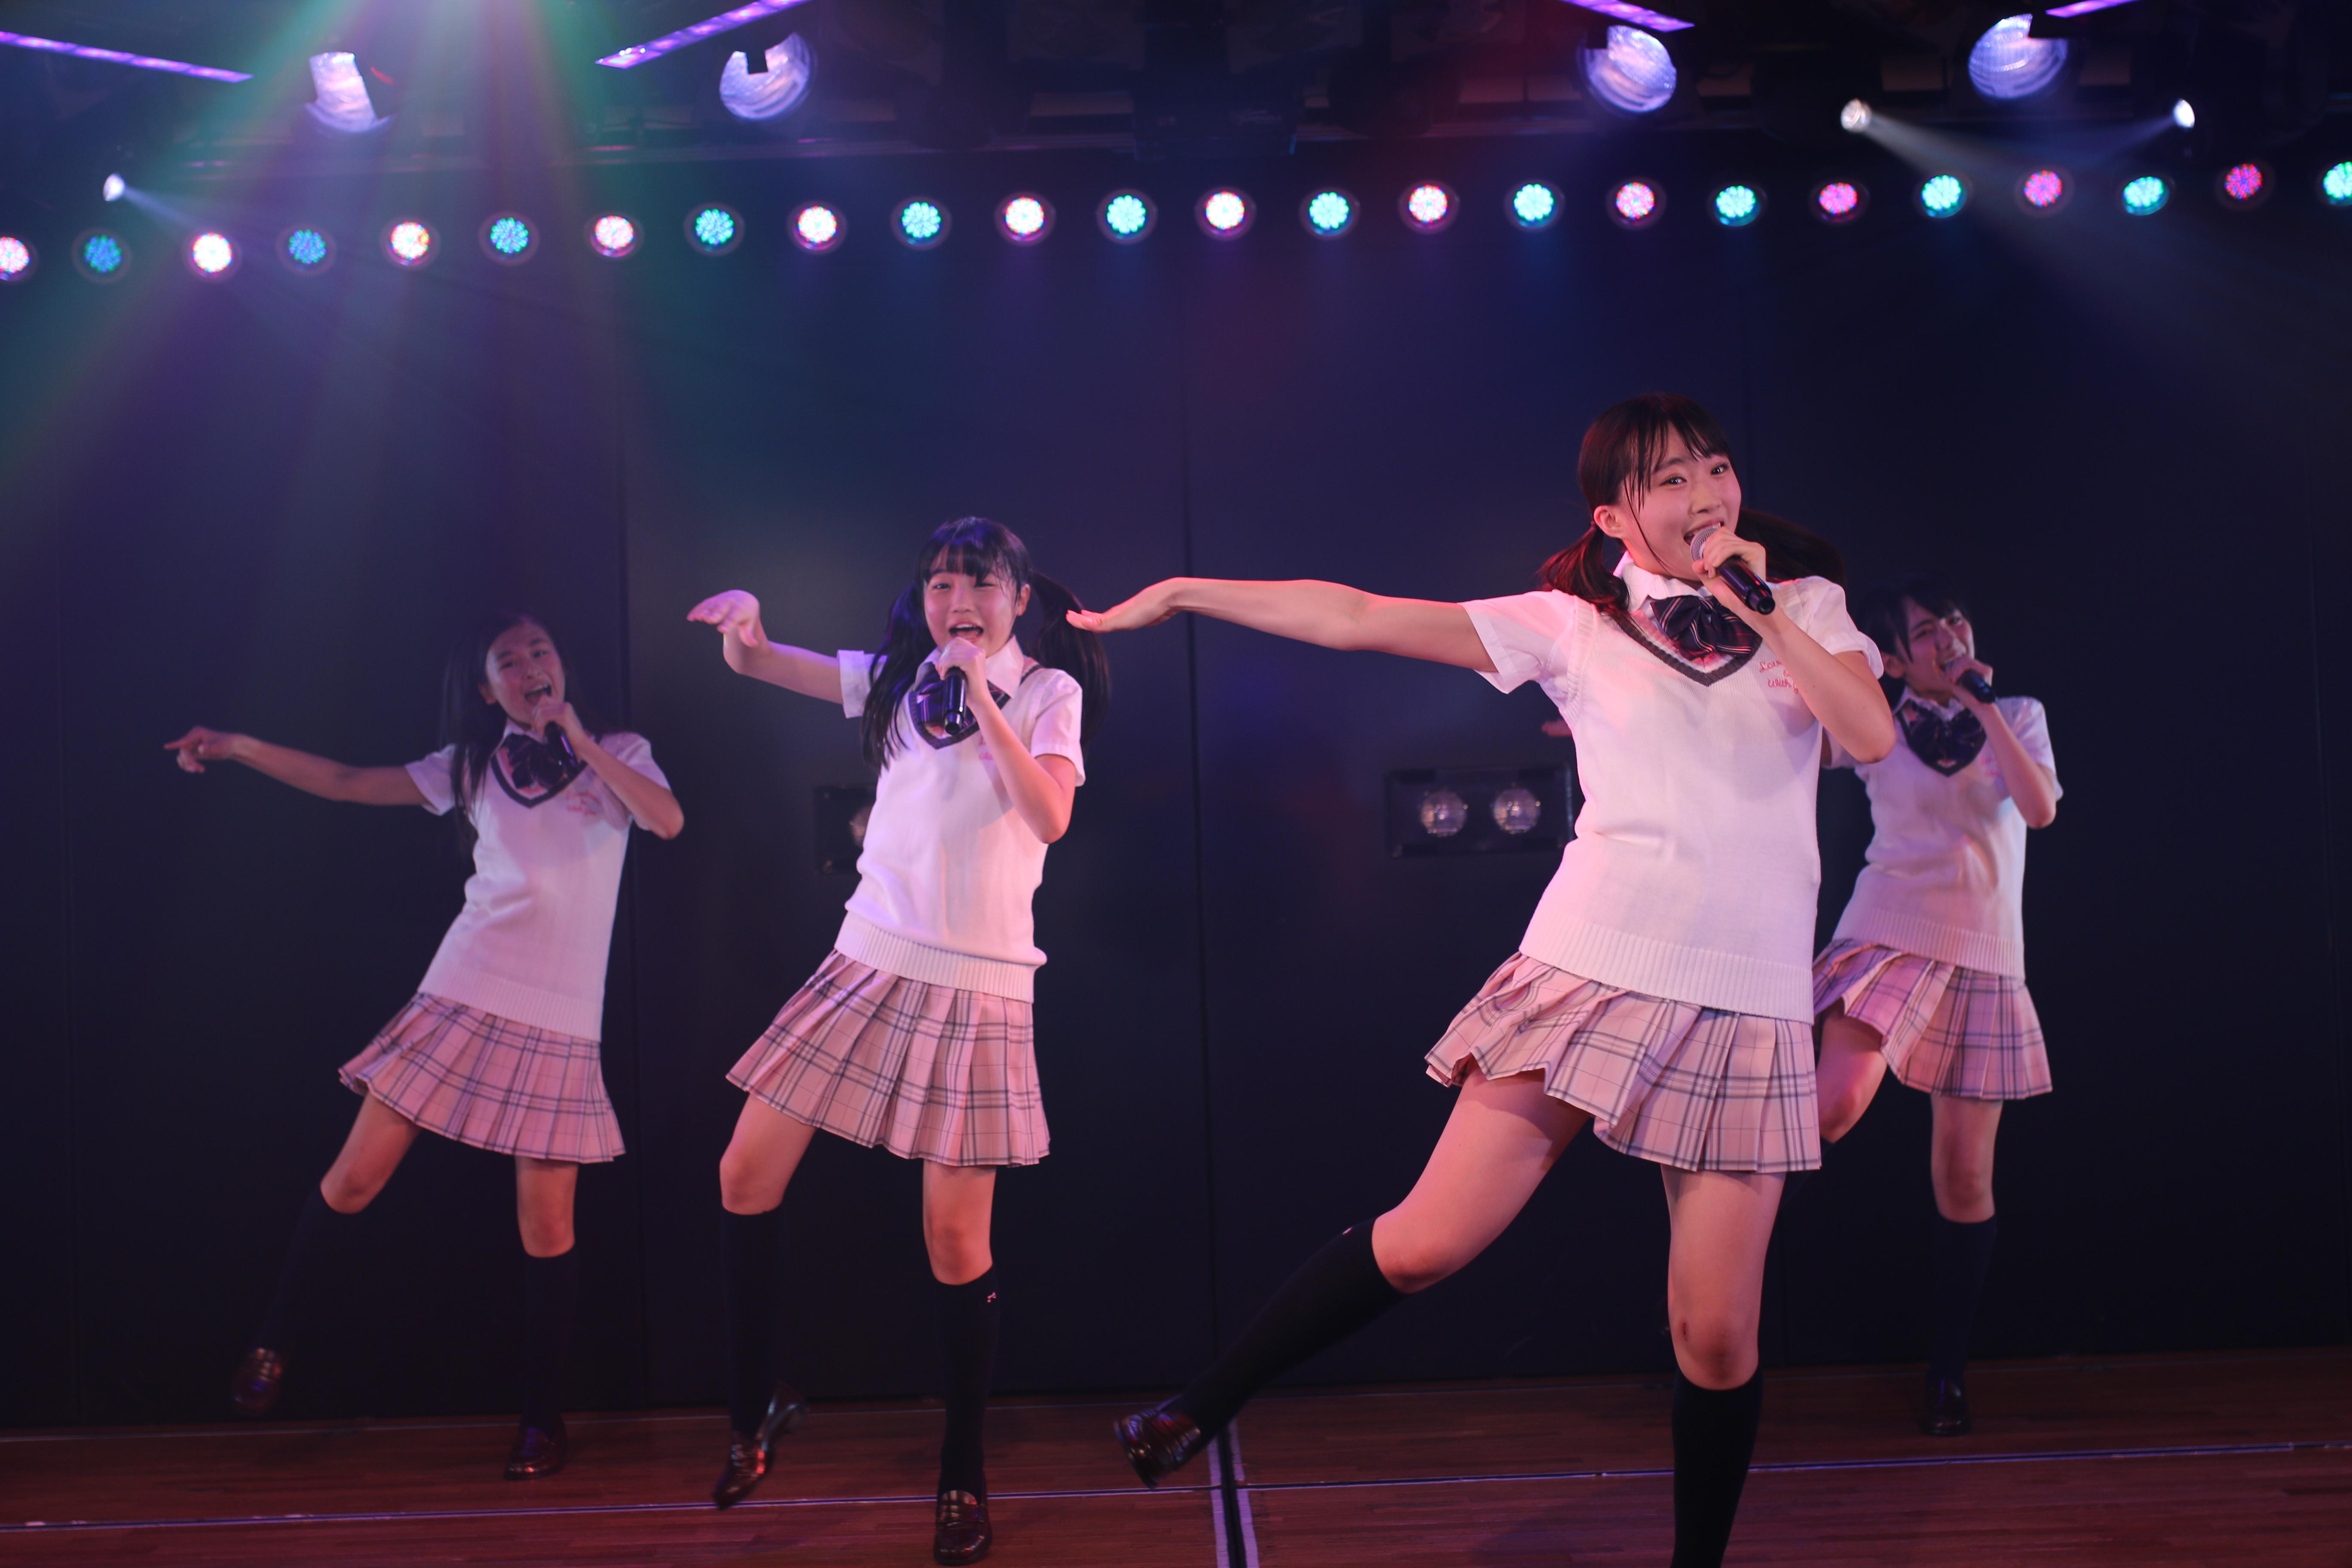 16期研究生劇場公演ゲネプロ 山根涼羽(右)(2017年7月)